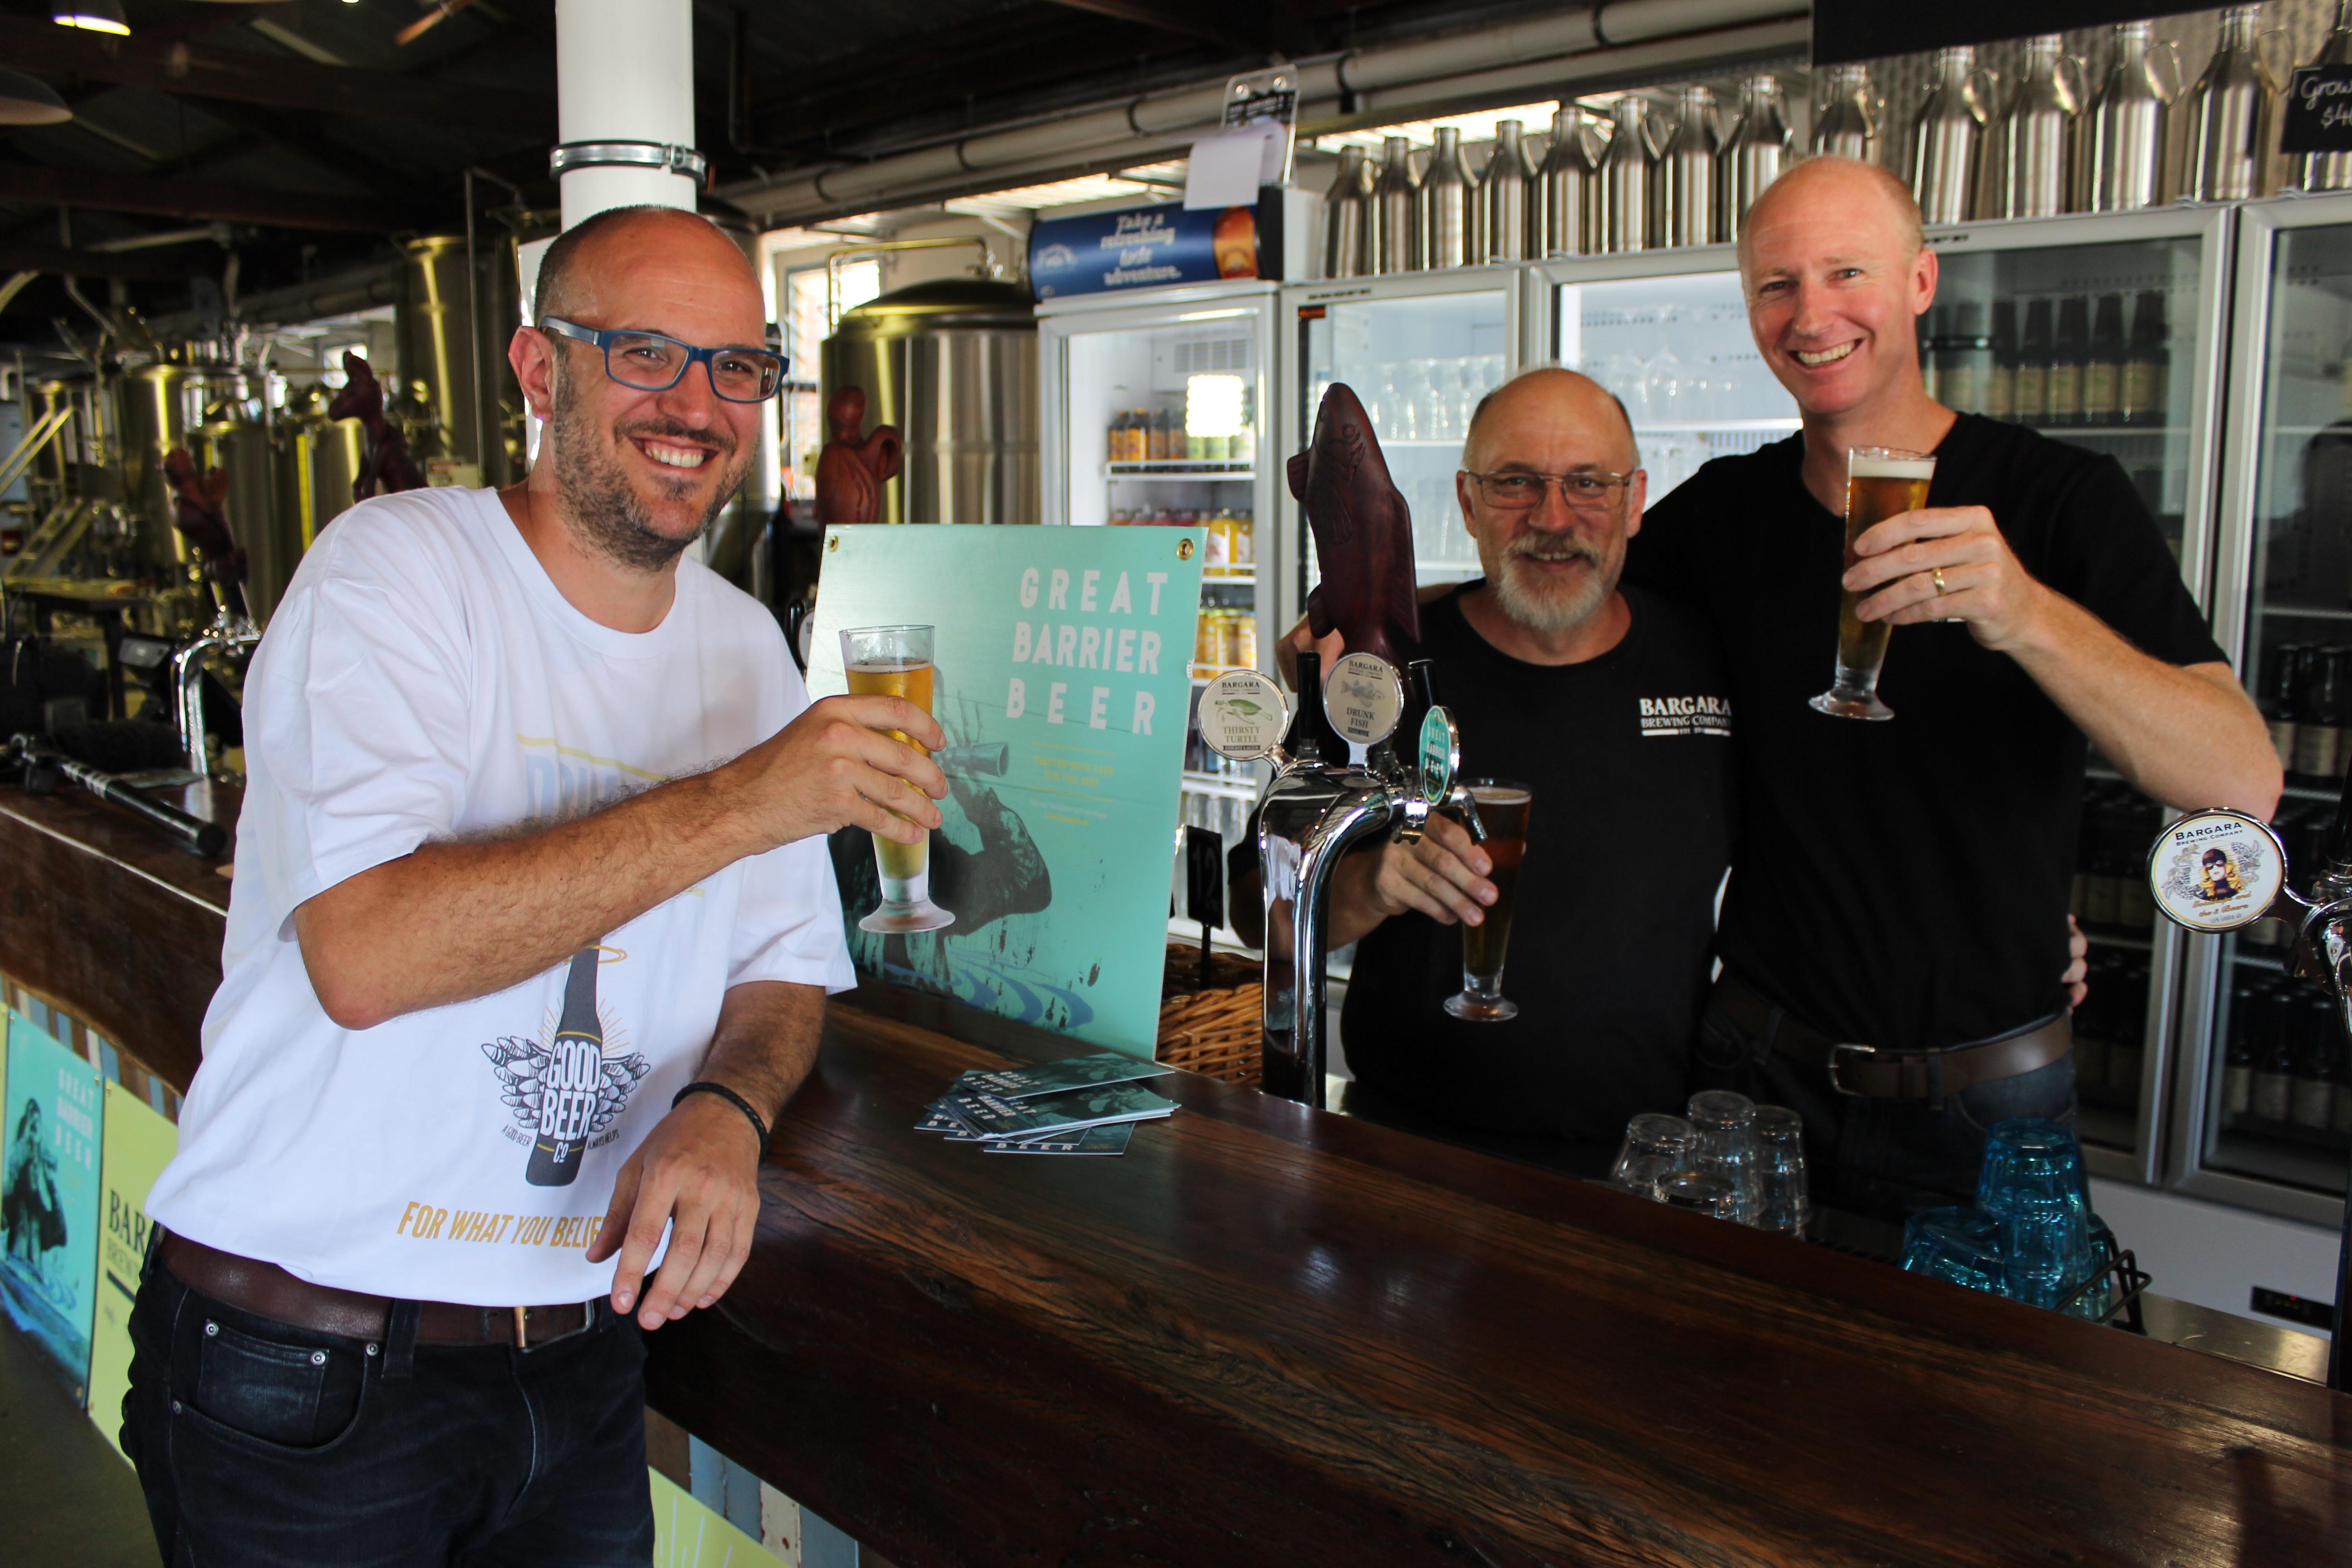 Erlöse aus dem Verkauf des Great Barrier Beers gehen in den Naturschutz.